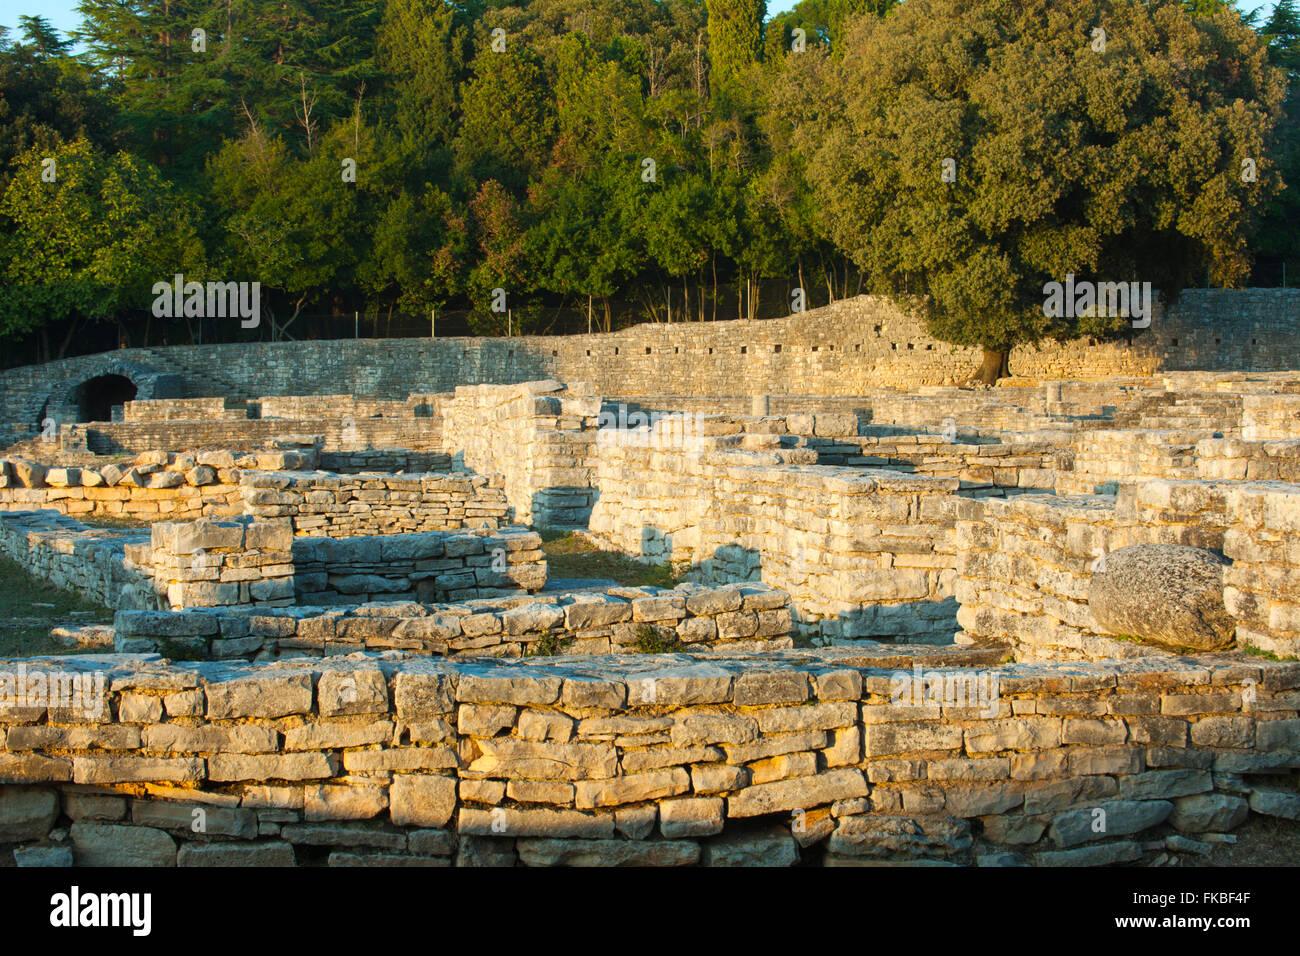 Fernsehreihe, Istrien, Insel Veli Brijuni Im Nationalpark Brijuni-Inseln Vor Pula. Byzantinisches Kastell. Stockbild